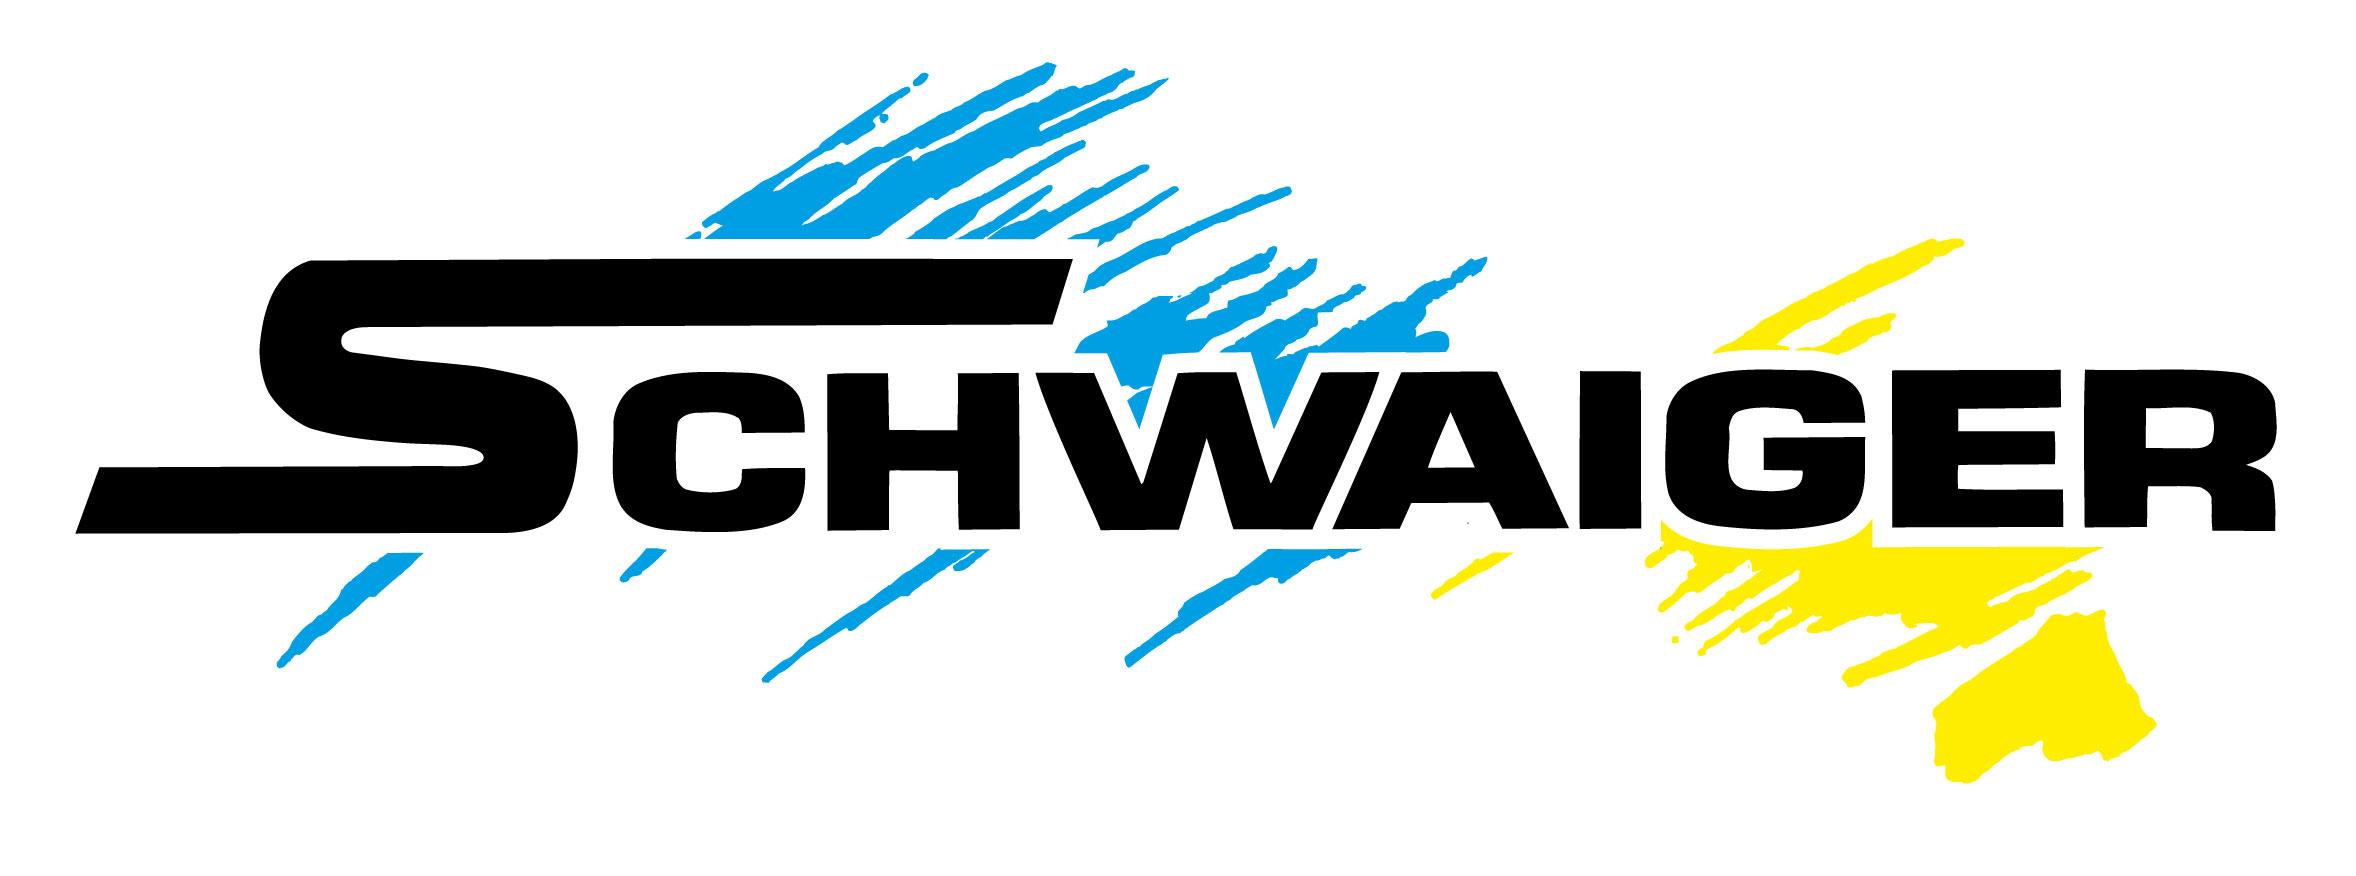 logo-schwaiger-4c-orig-2018.jpg